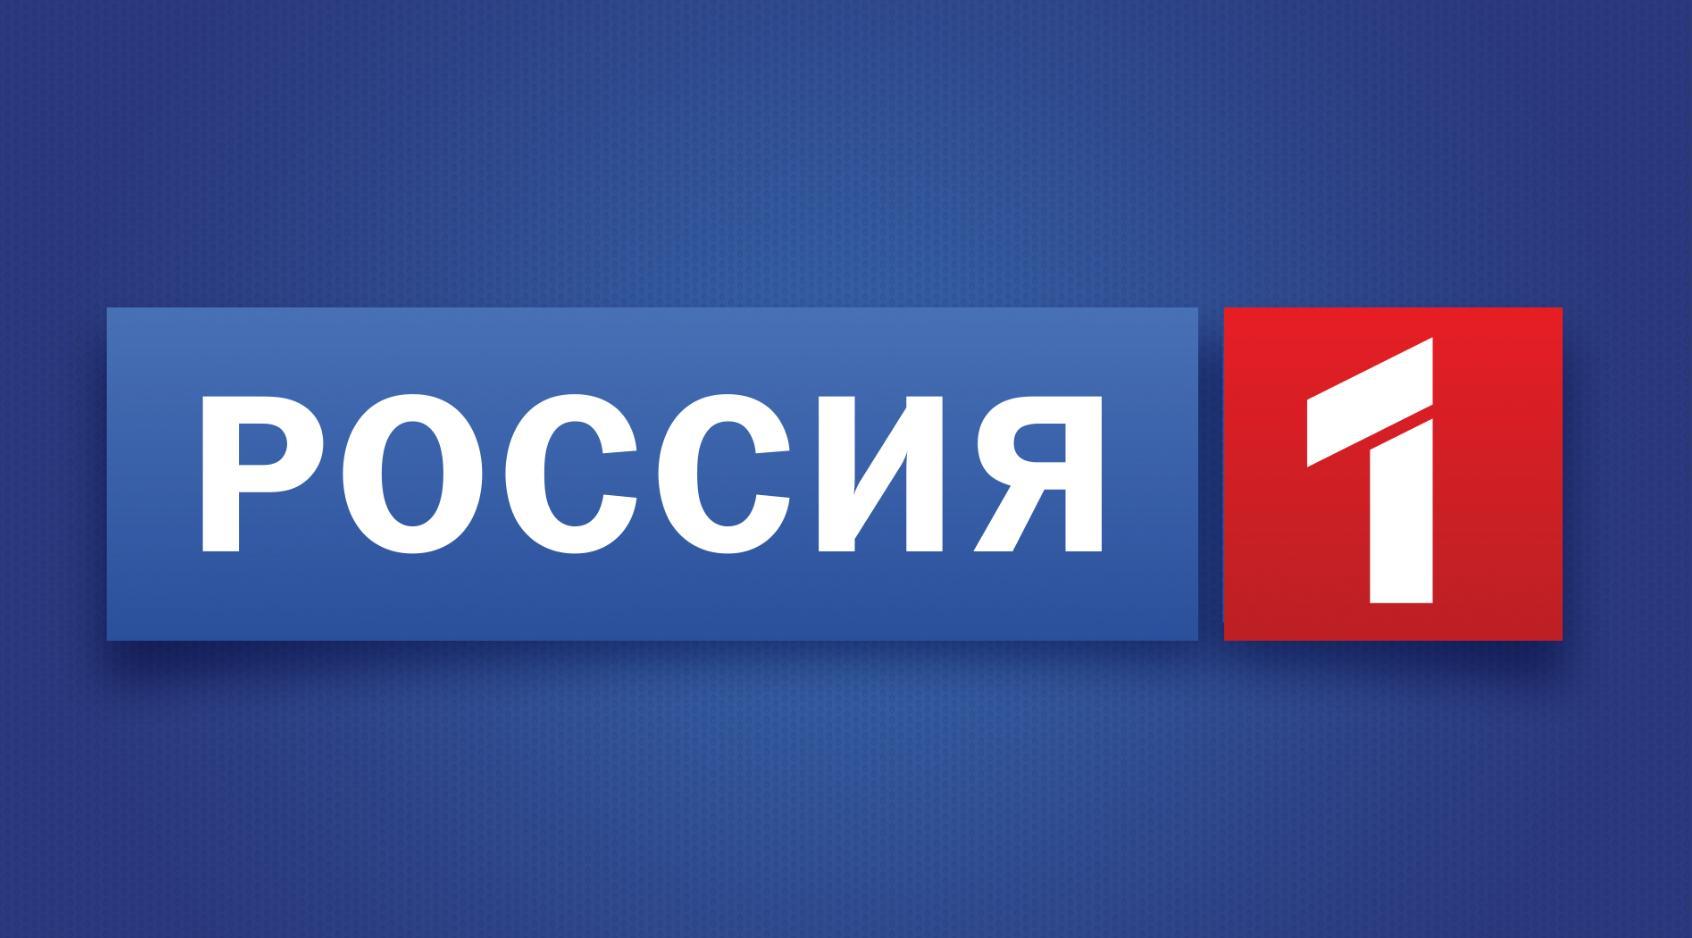 Программа россия 1 сегодня завтра